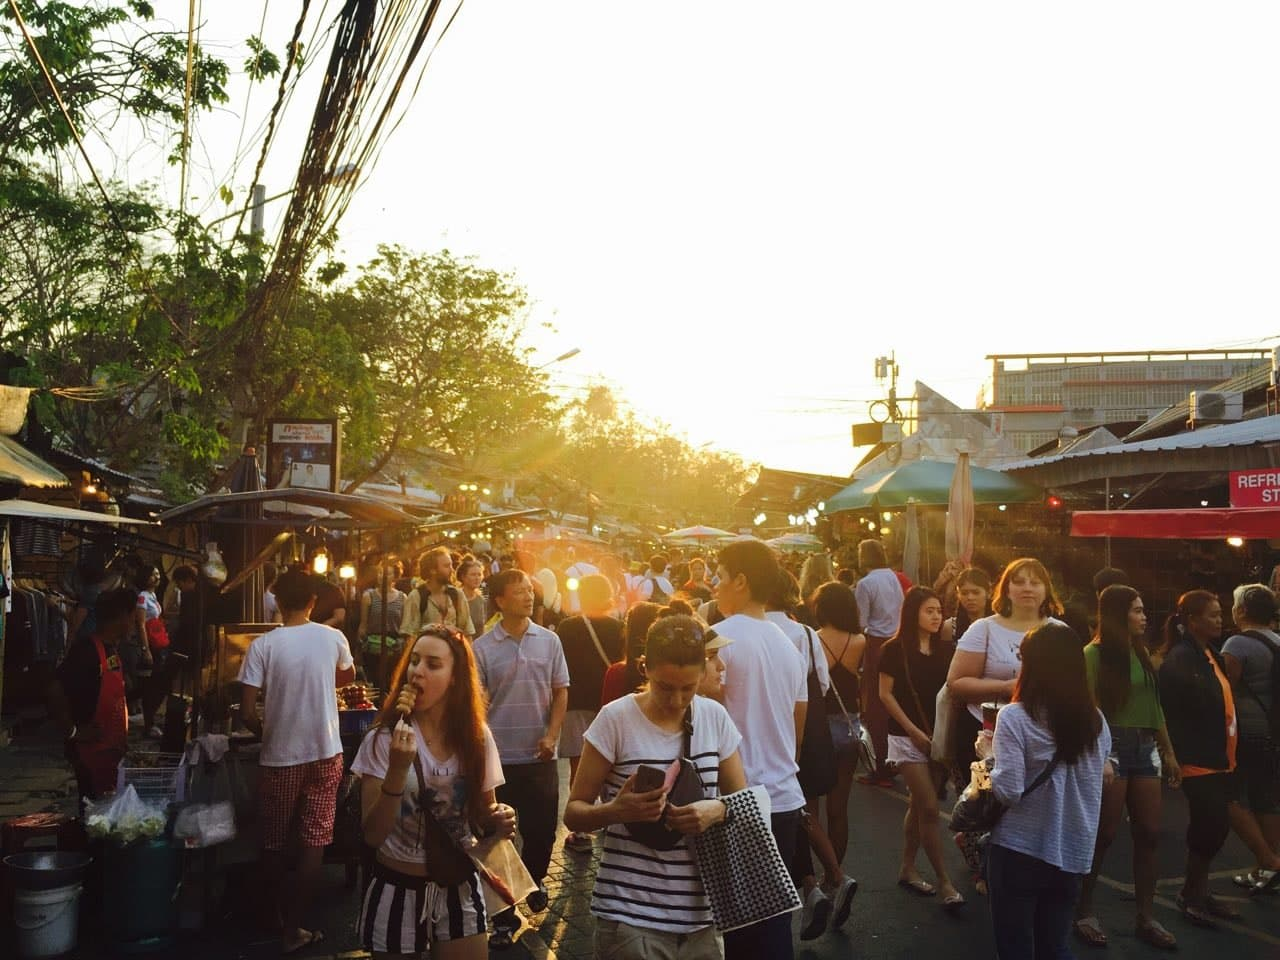 dòng người đi bộ tại chợ chatuchak